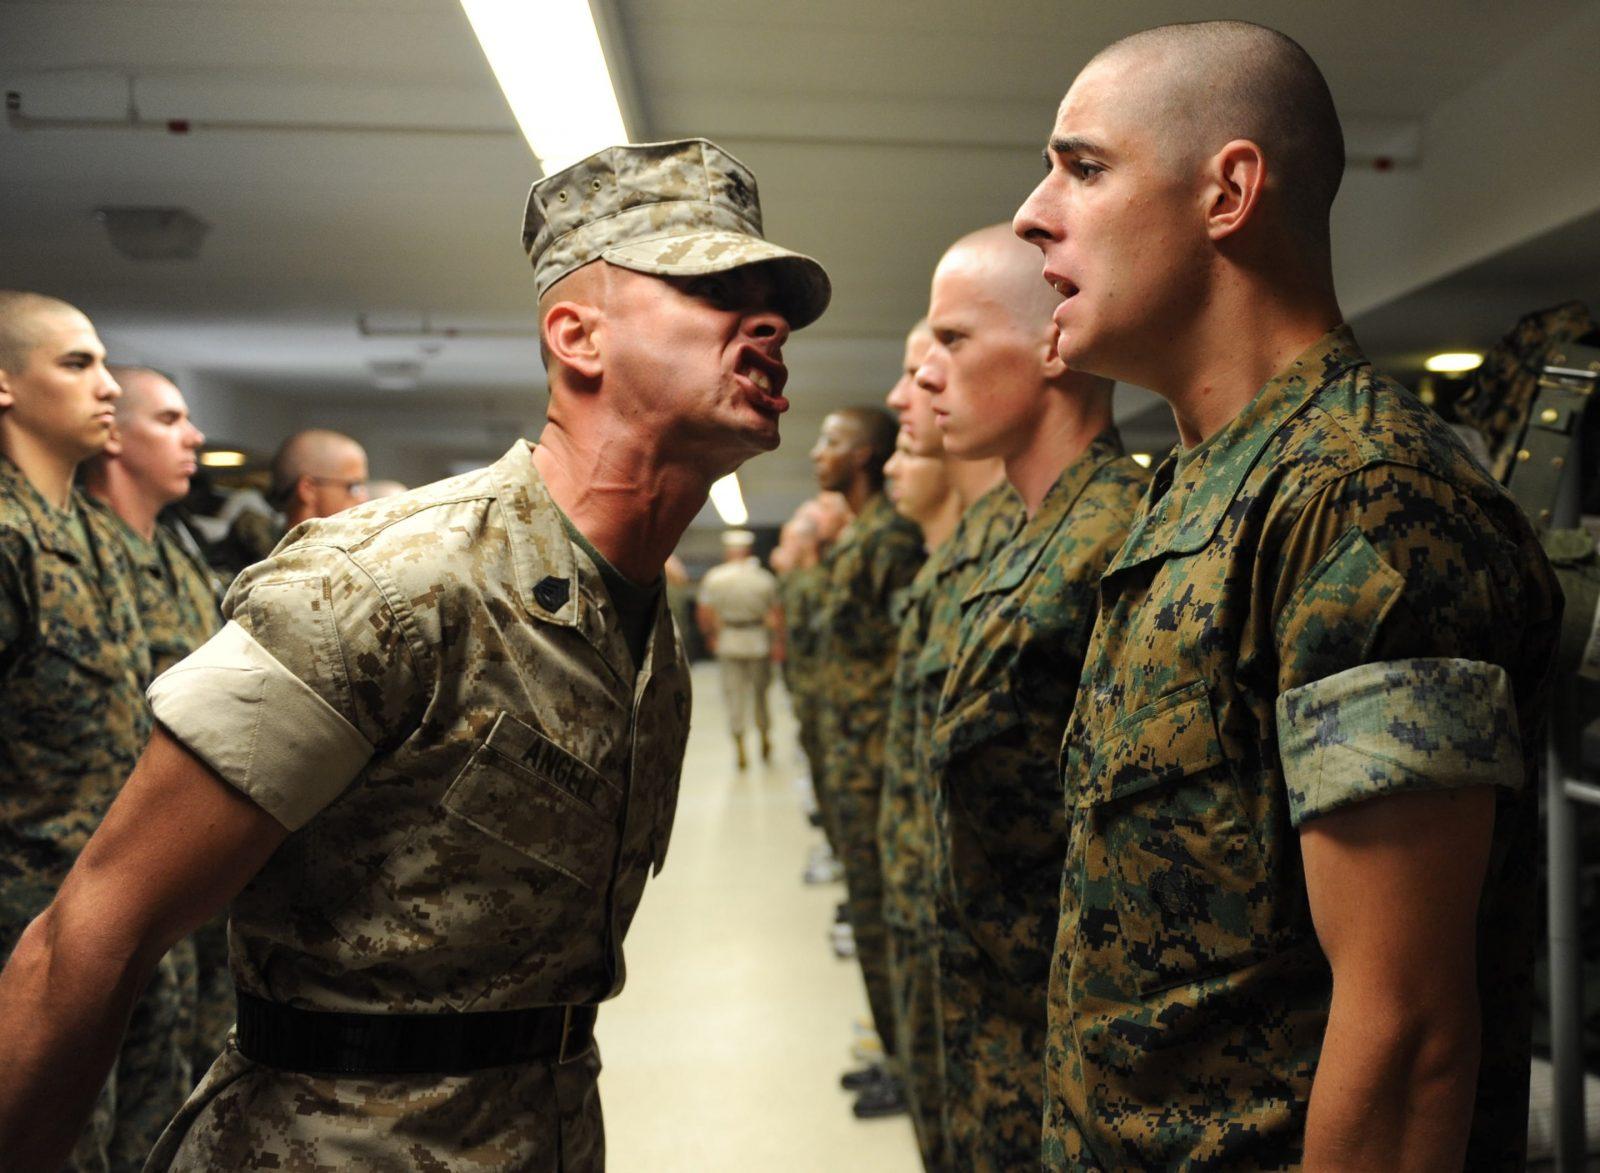 Офицер армии в очень грубой форме учит новобранцев, как отвечать старшим по званию